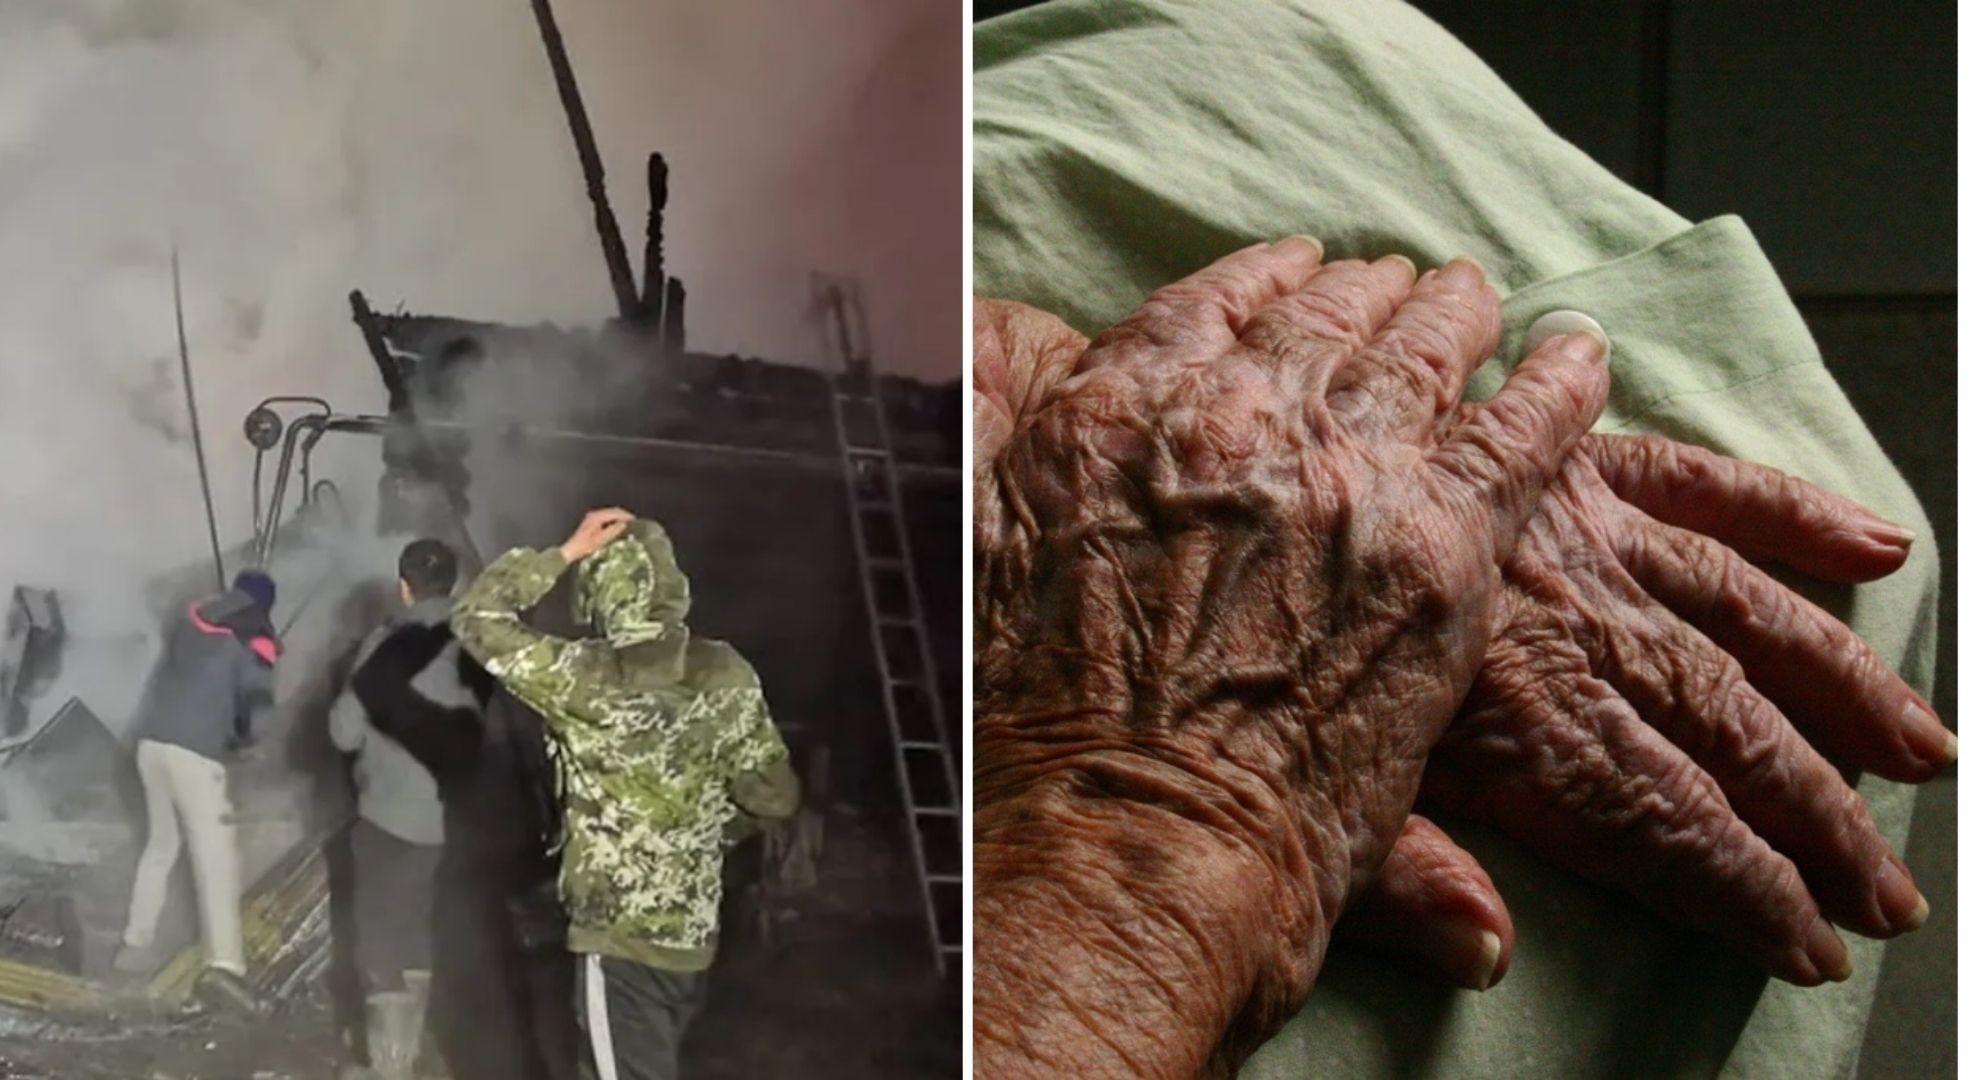 Tragedie în Rusia: 11 morți într-un incendiu la un cămin de bătrâni